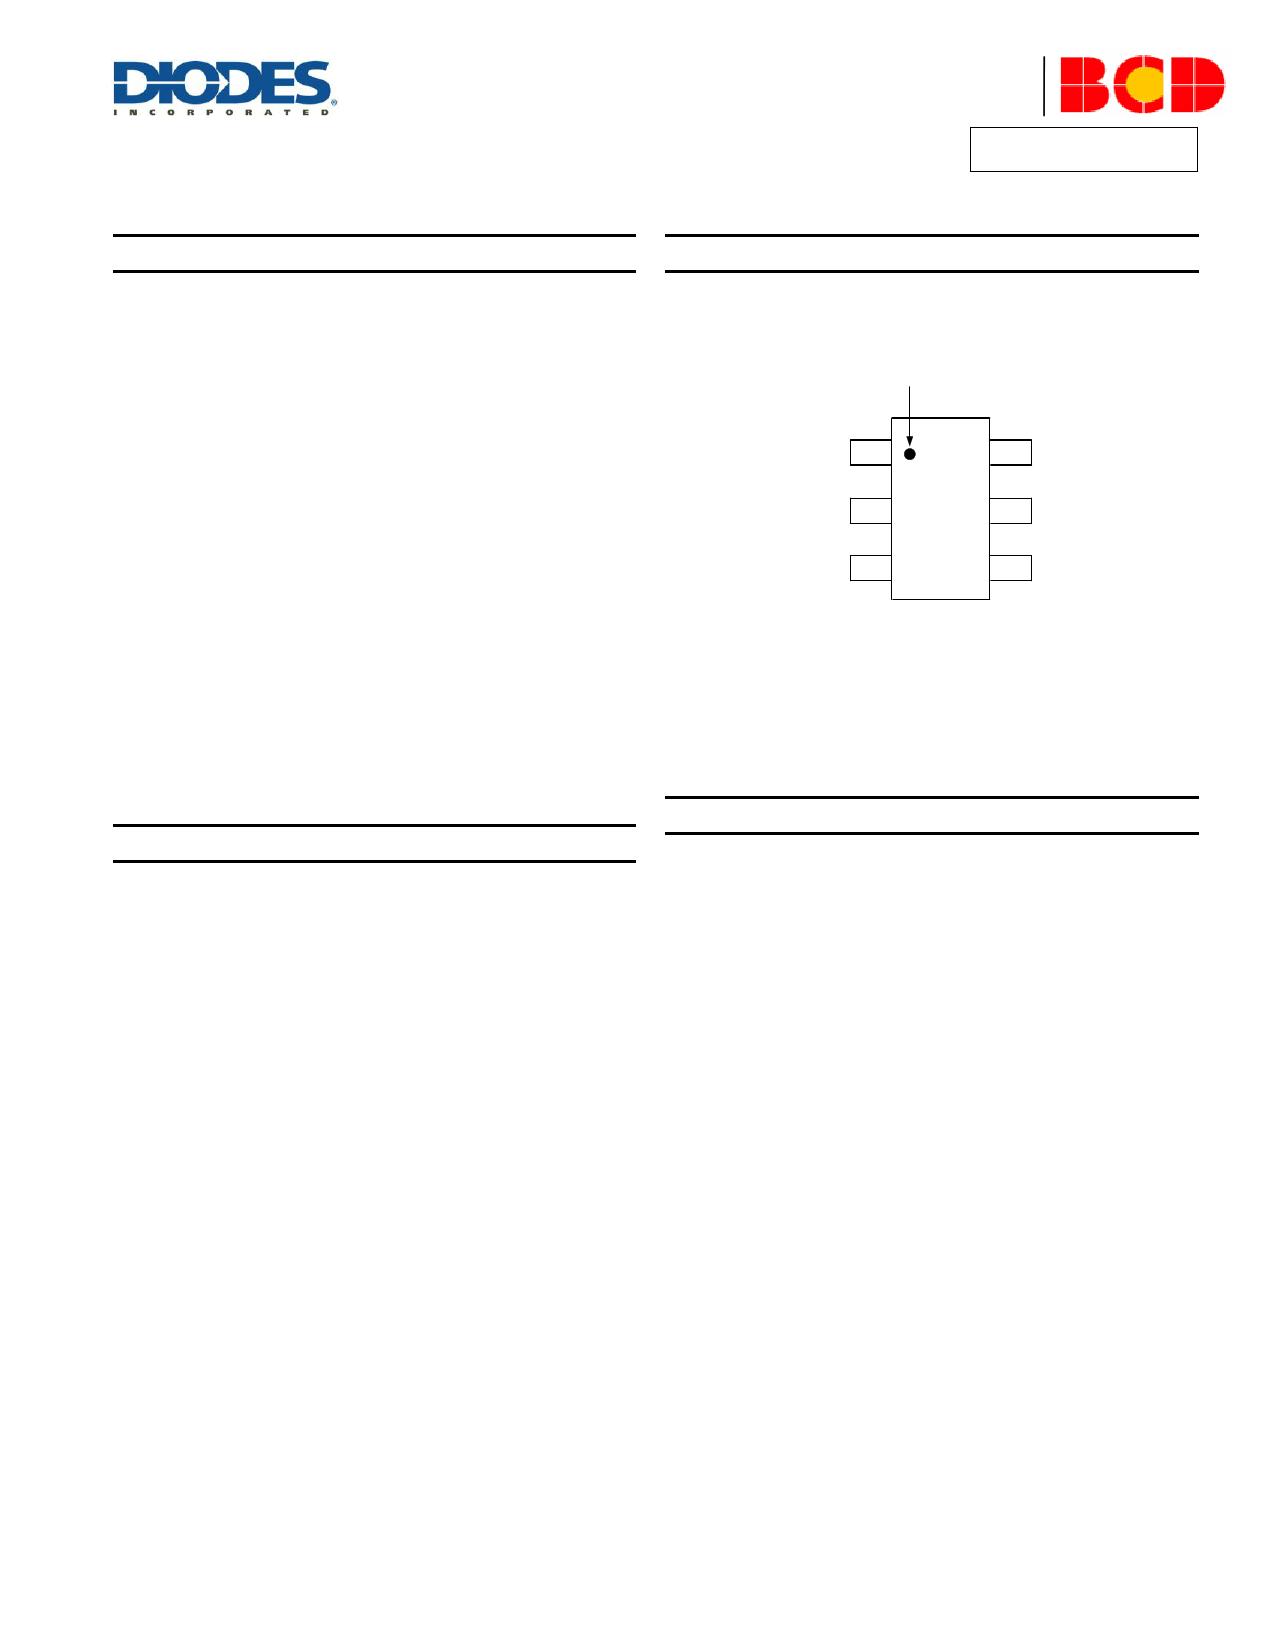 AP3105R データシート pdf pinout